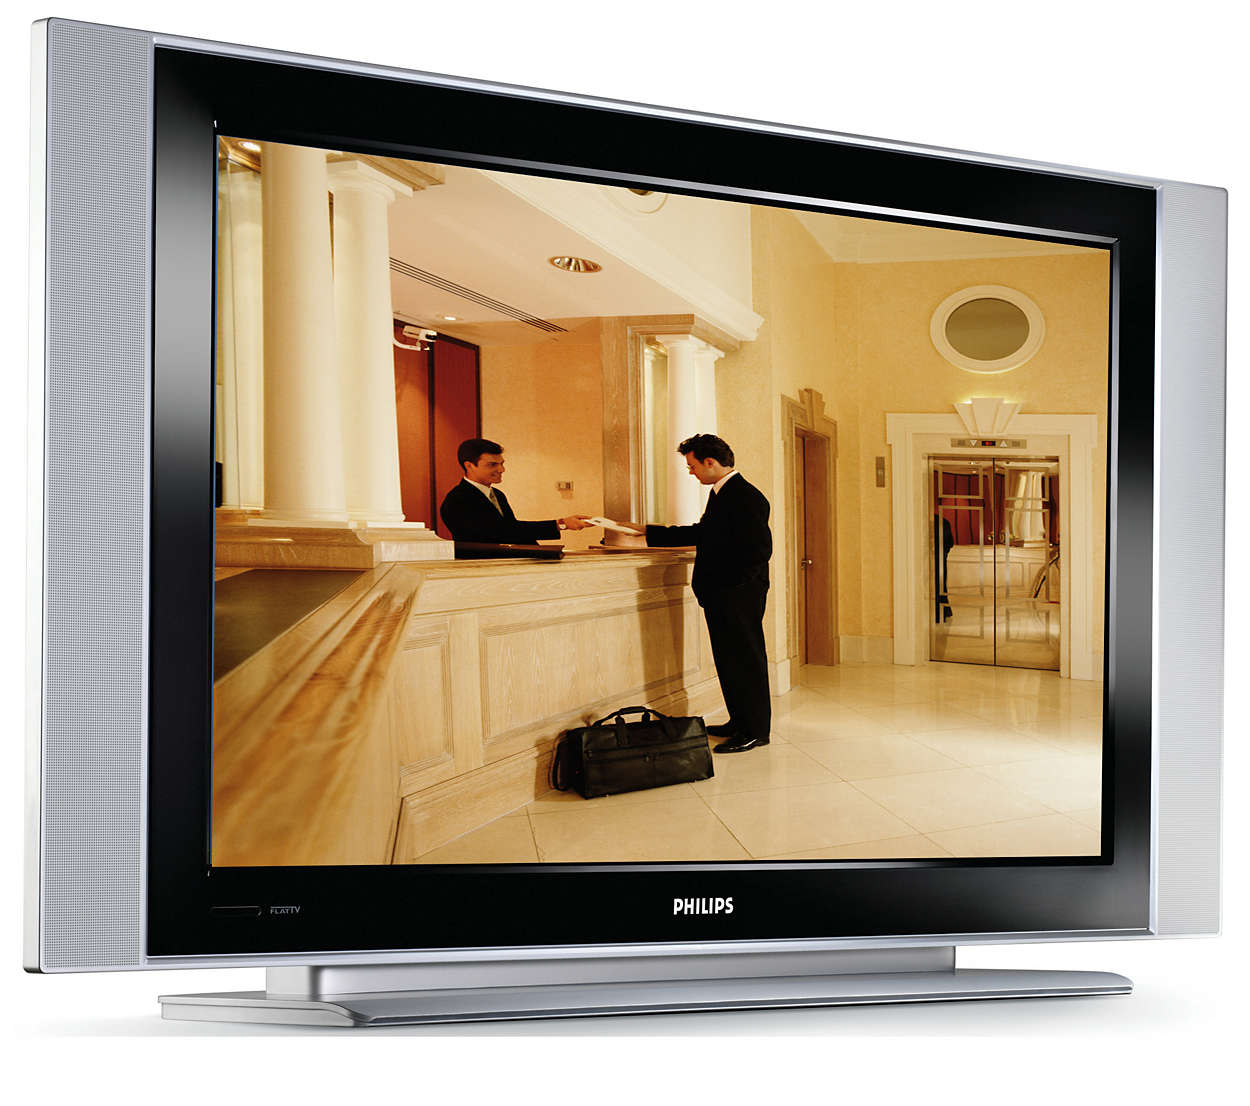 TV splochou obrazovkou a připraveným systémem